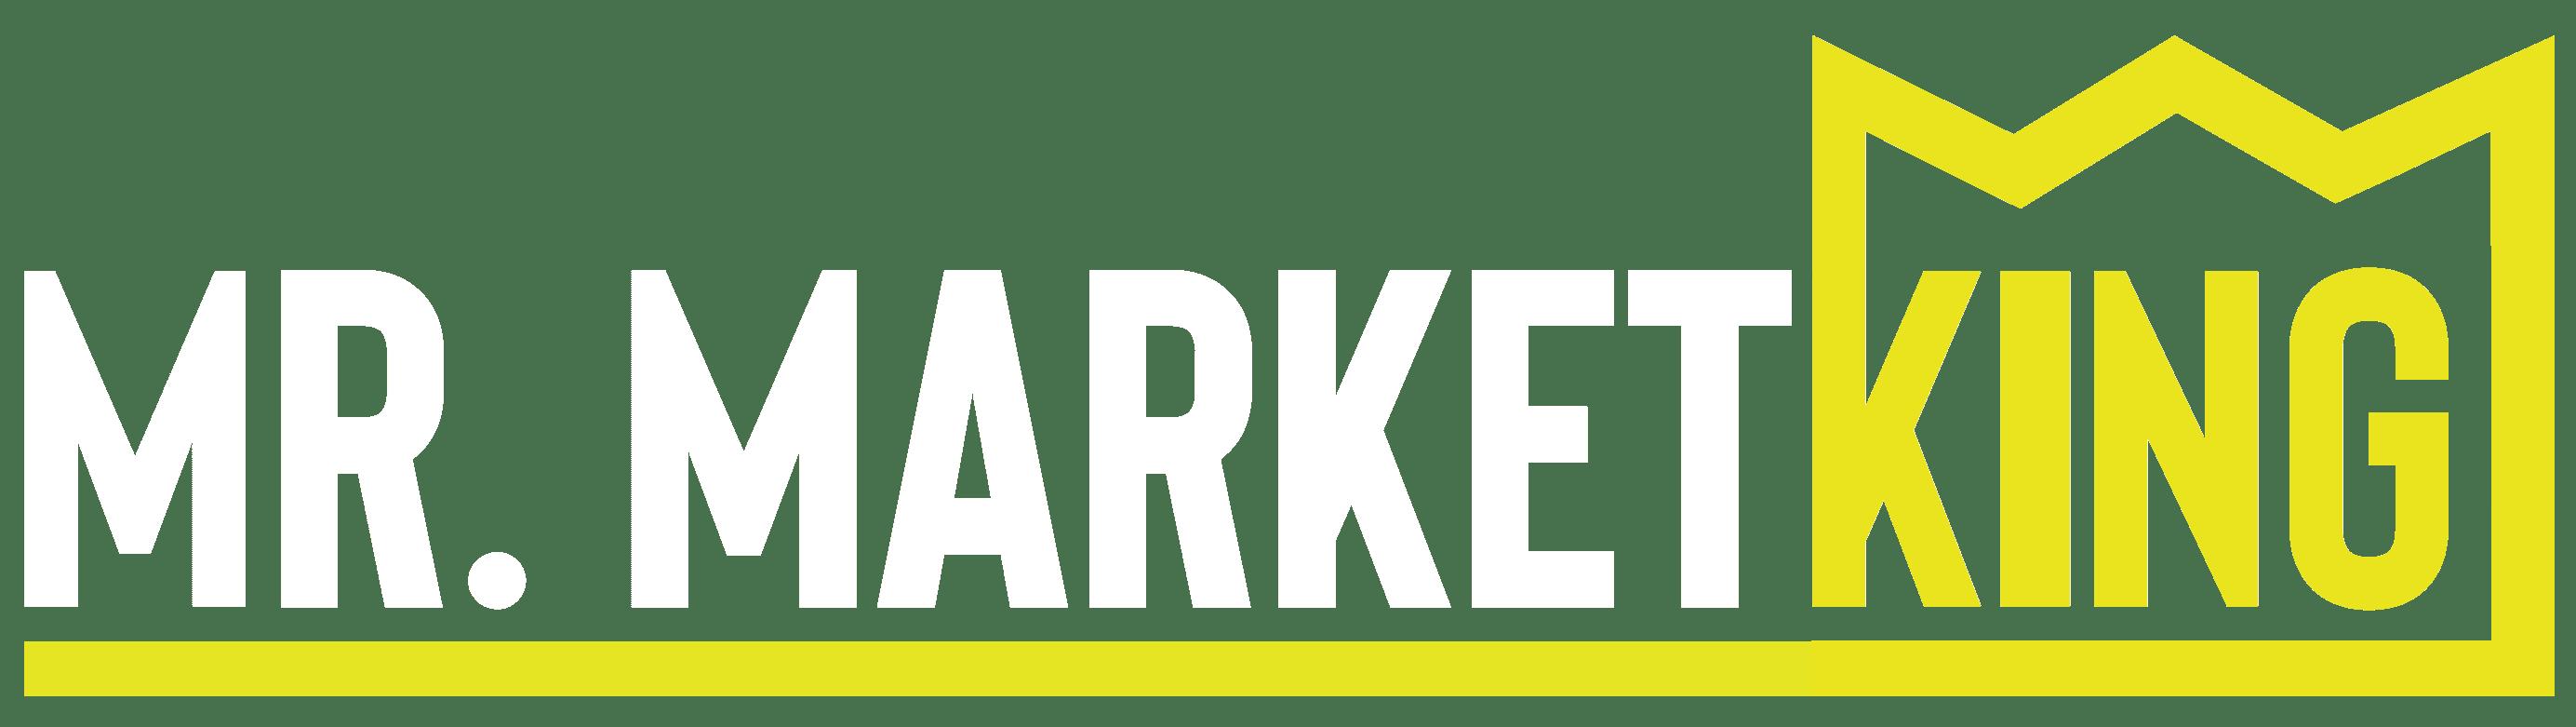 Mr marketking Print 1024x289 1